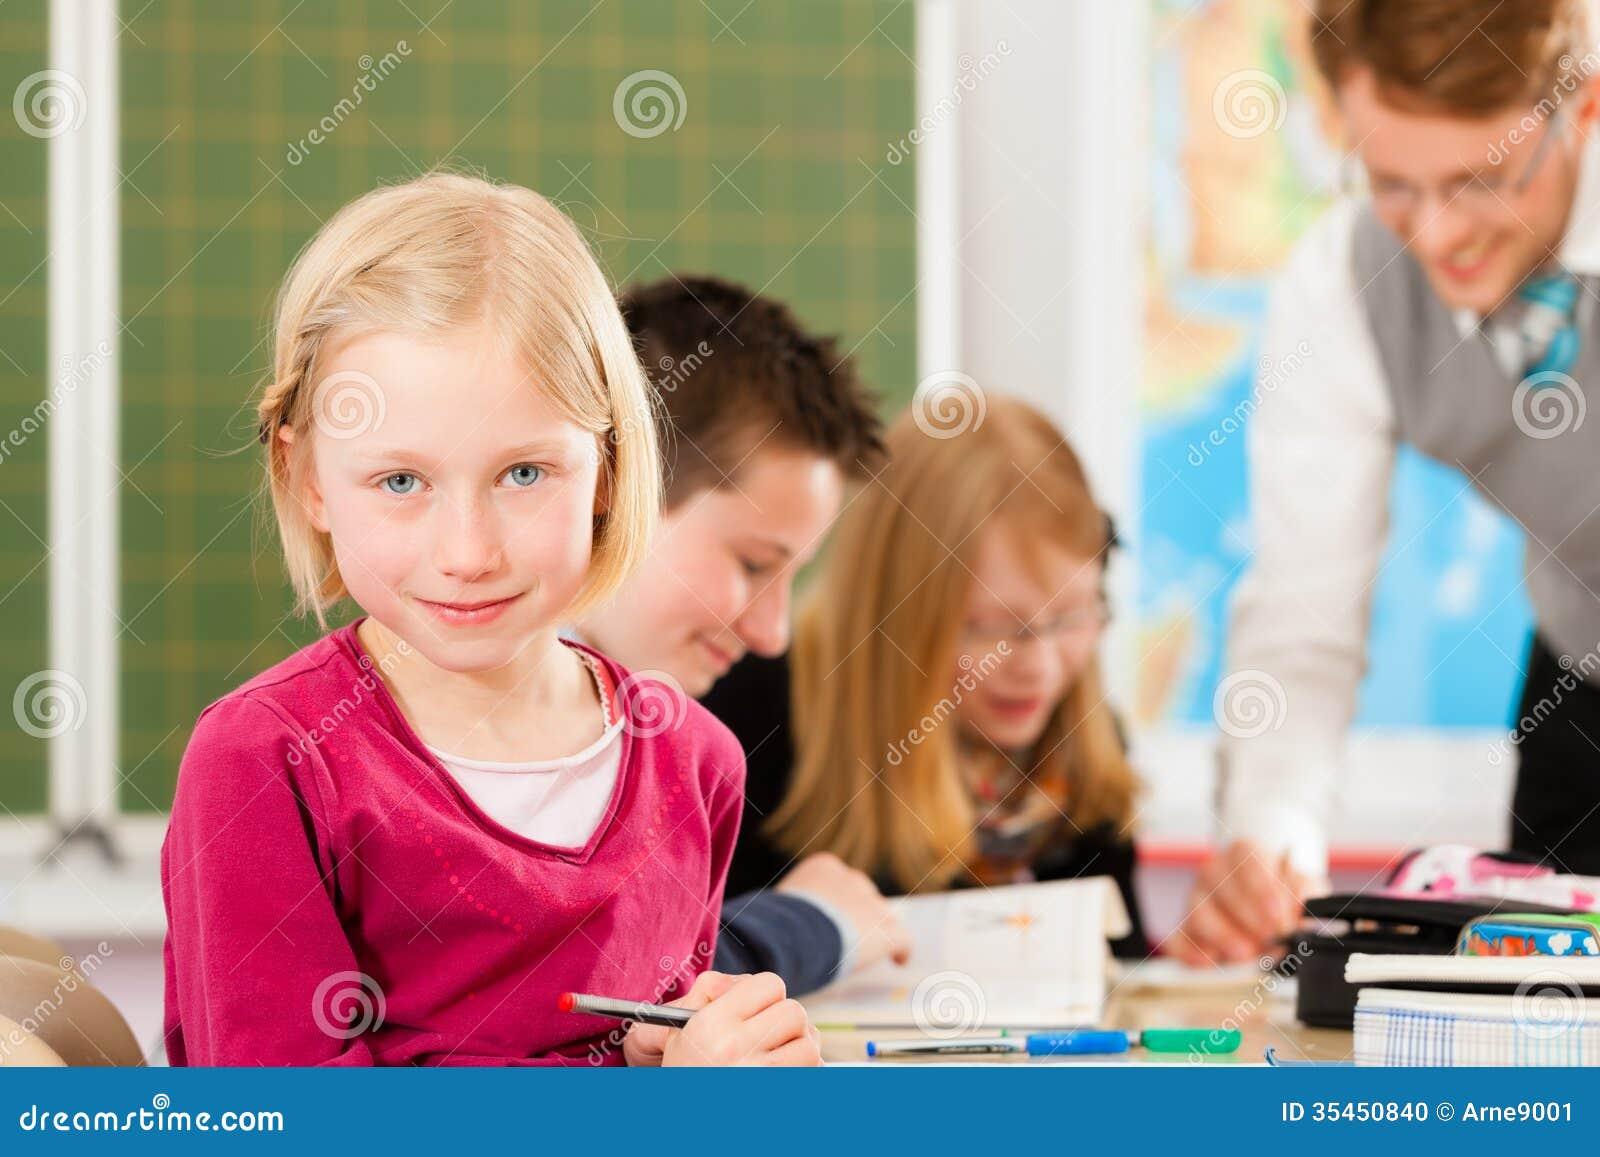 Utbildning - elever och lärare som lär på skolan